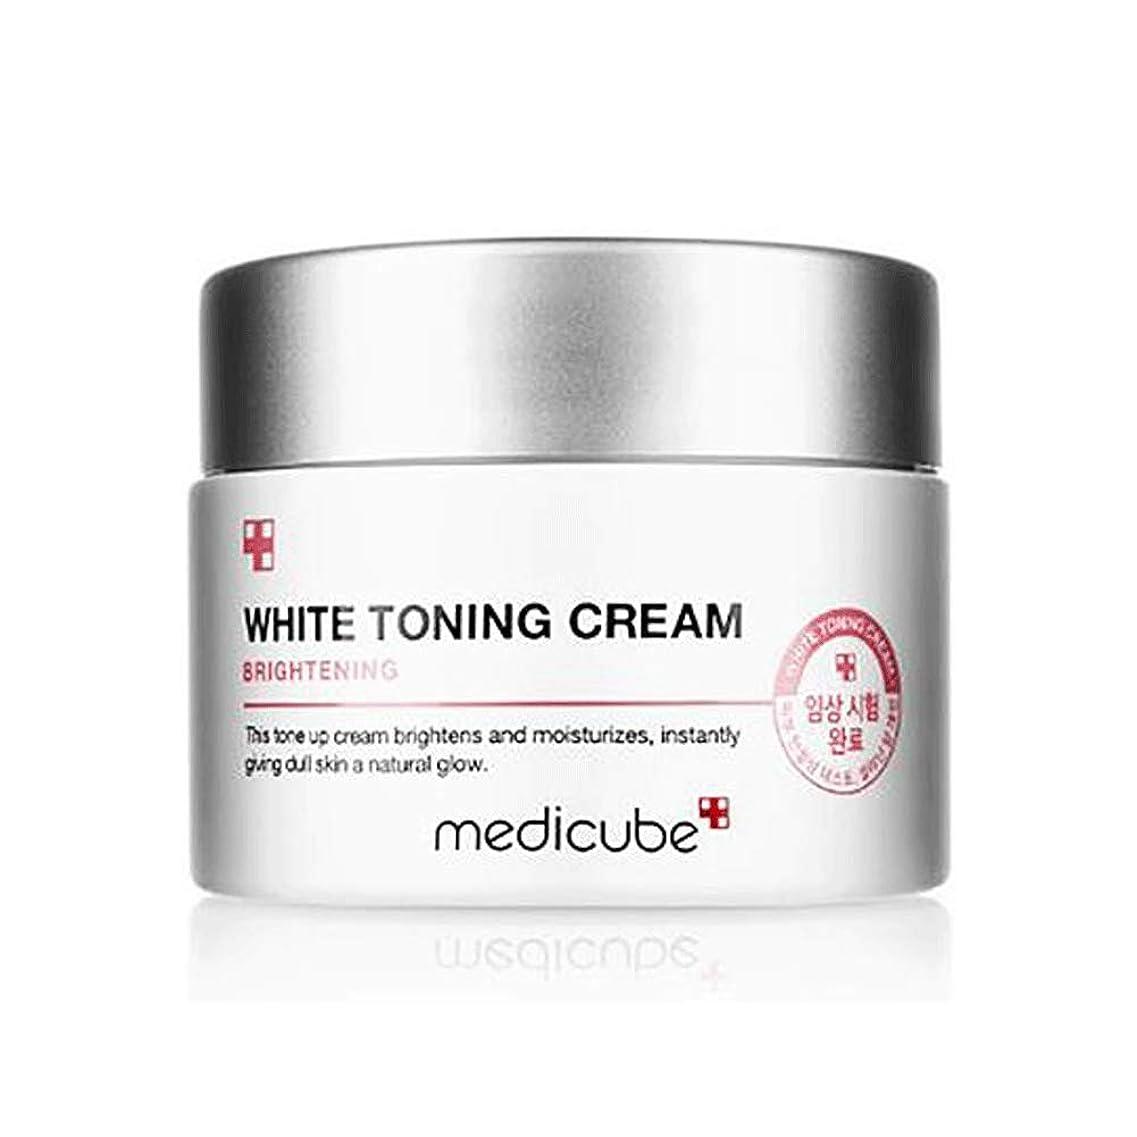 関与するりんご想定するMedicube WHITE TONING CREAM メディキューブ ホワイトトーニングクリーム 55ml [並行輸入品]